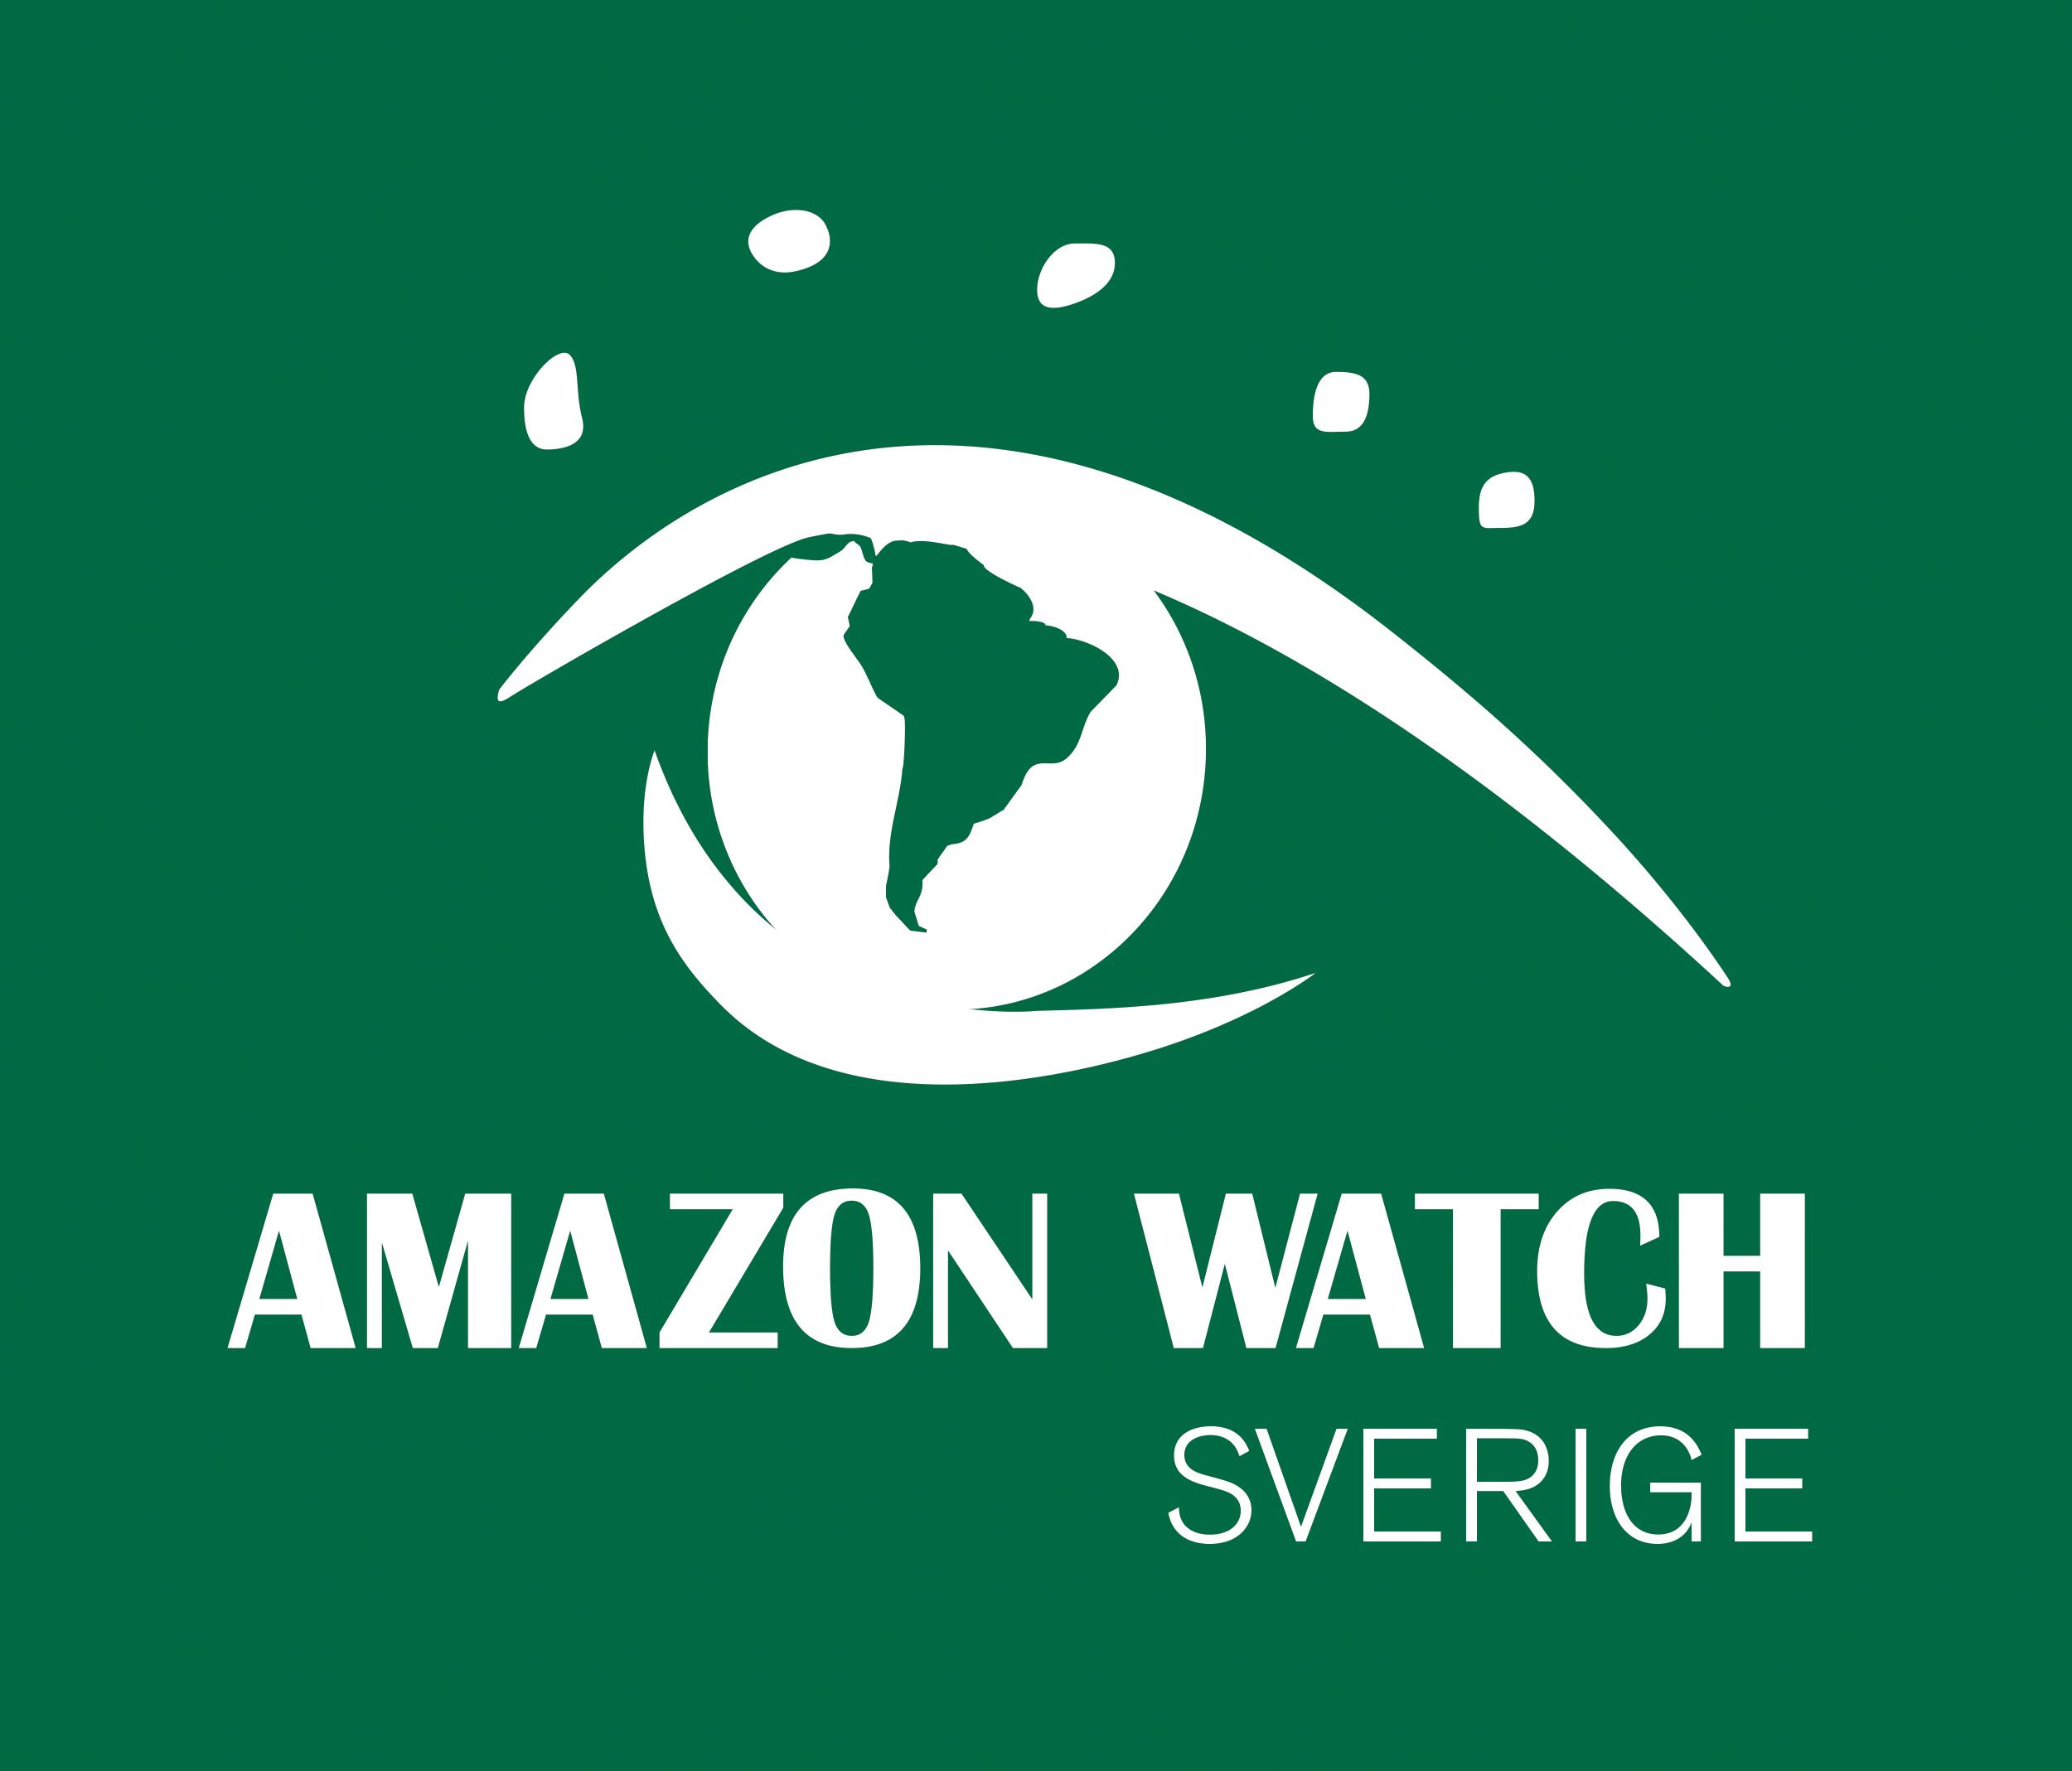 14_AW_SVERIGE_logo.jpg